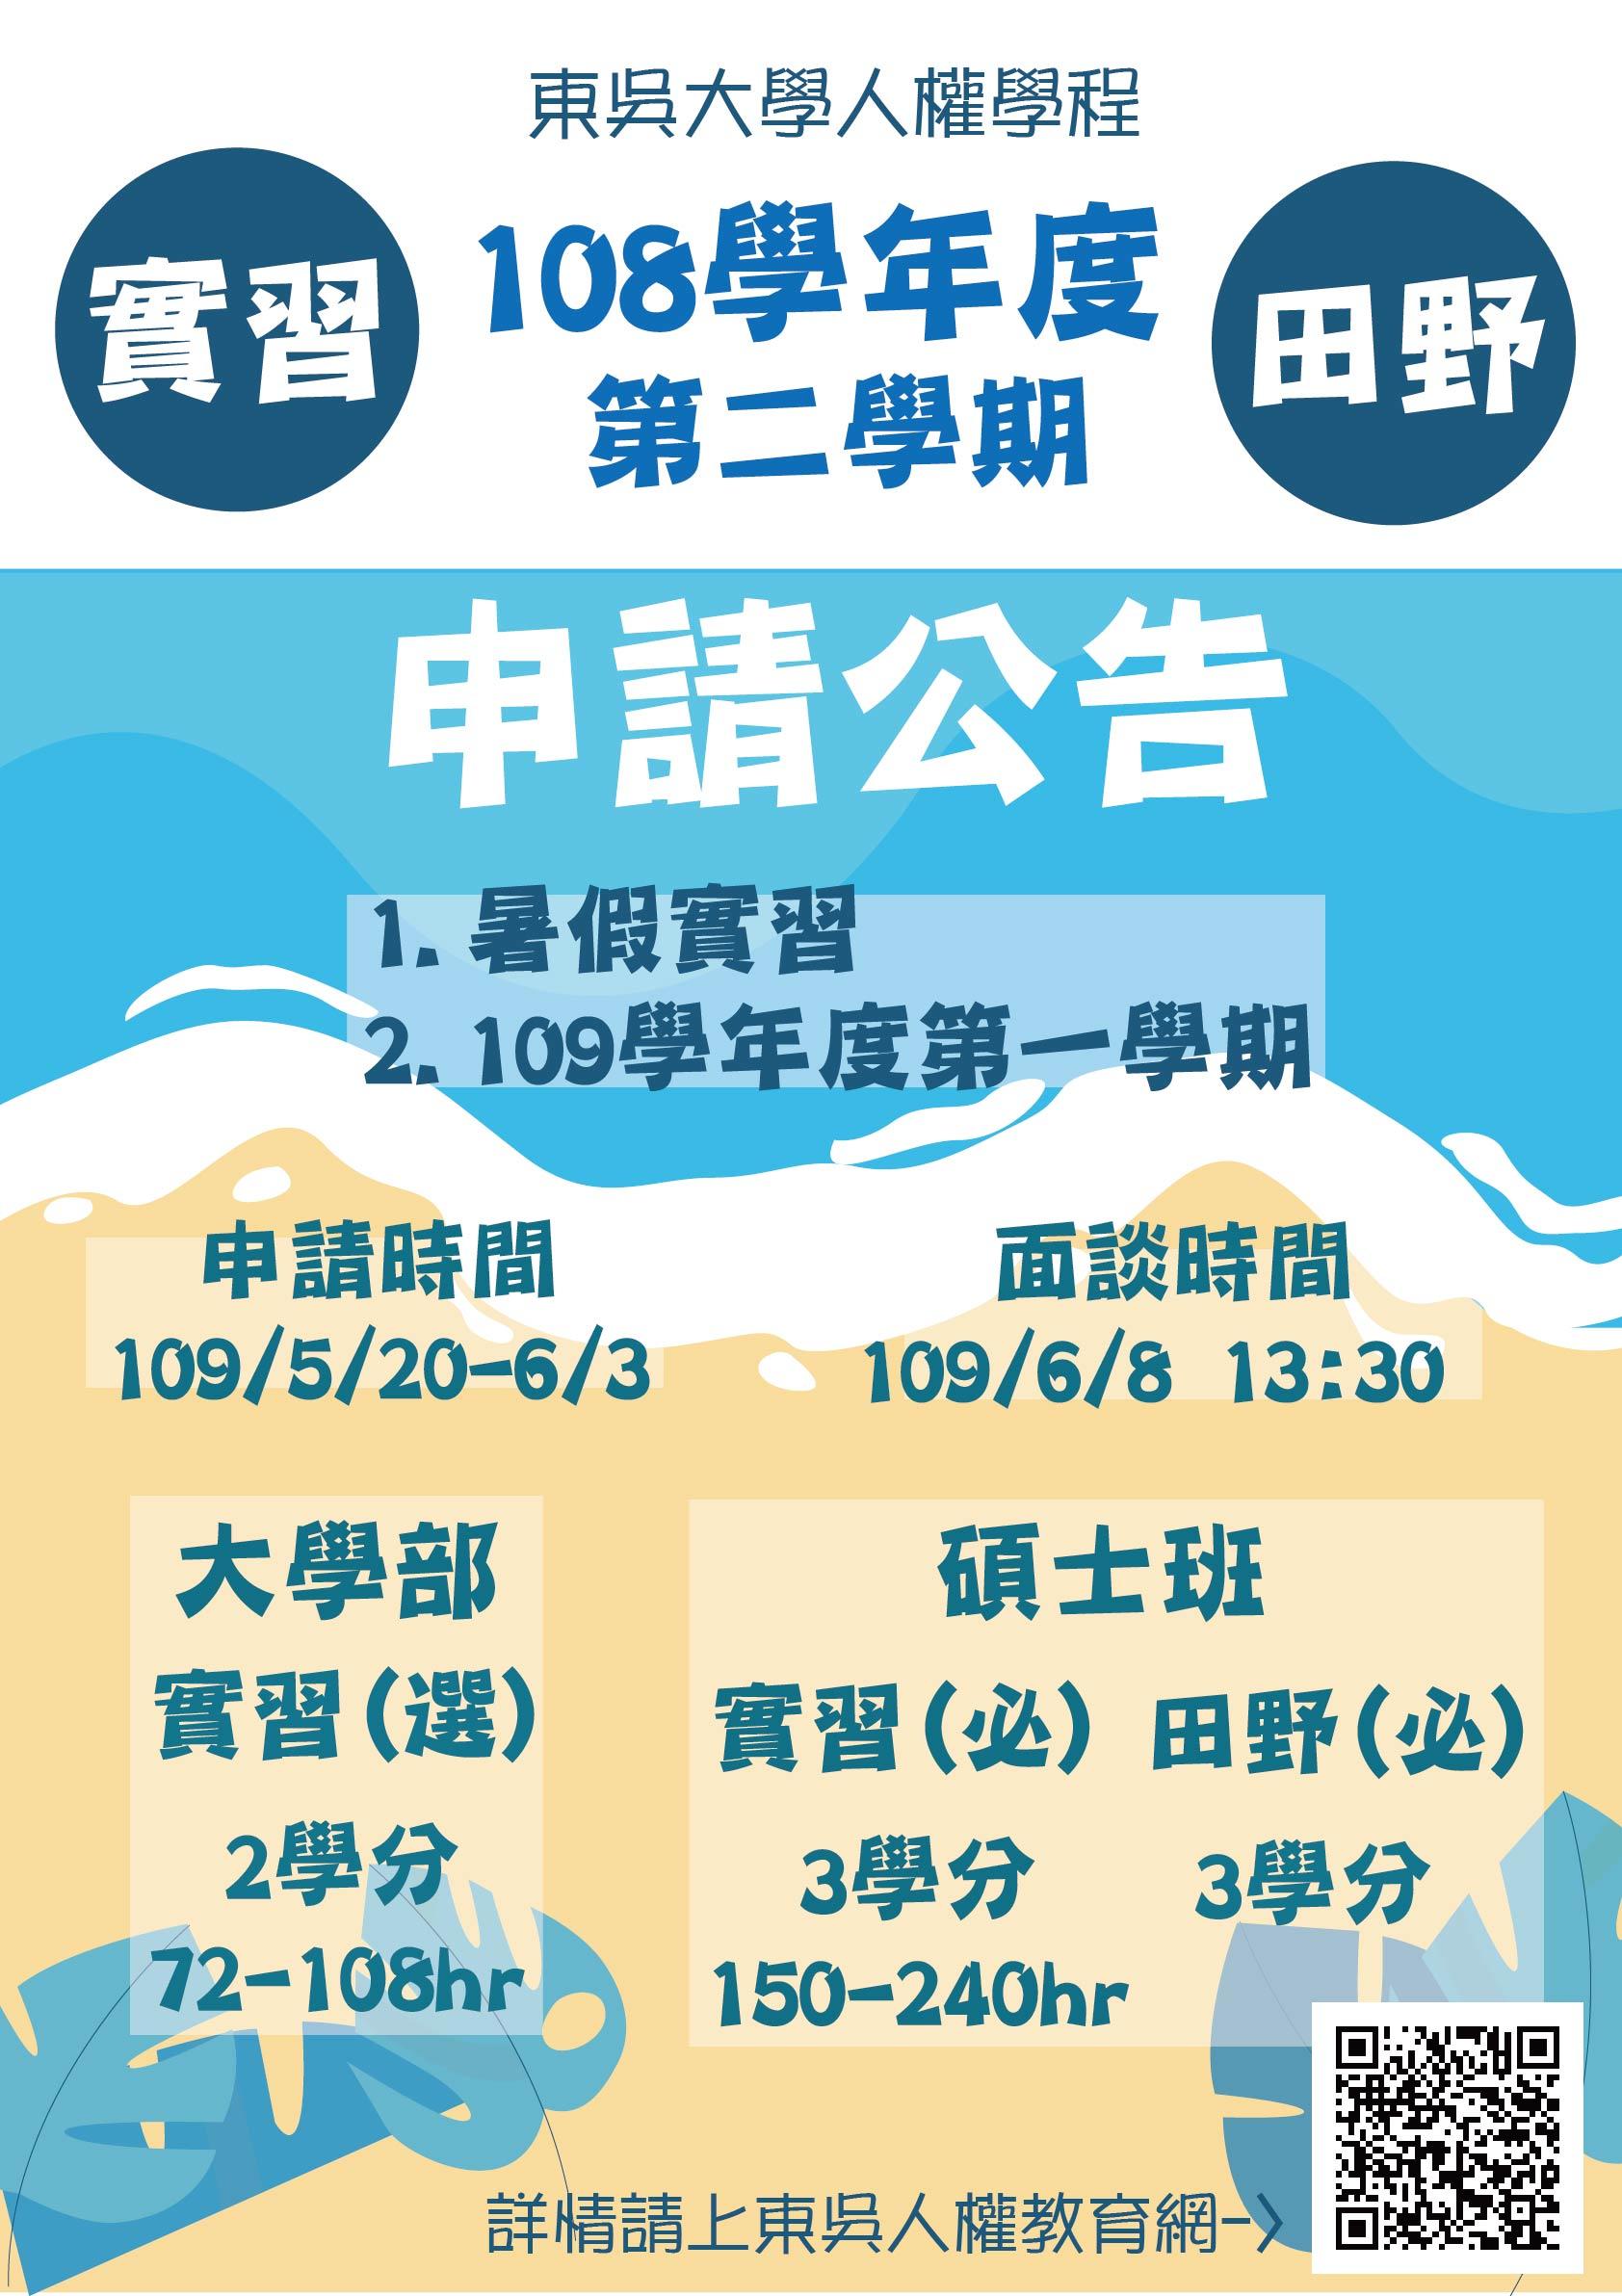 【公告】108-2實習/田野調查申請5/20-6/3